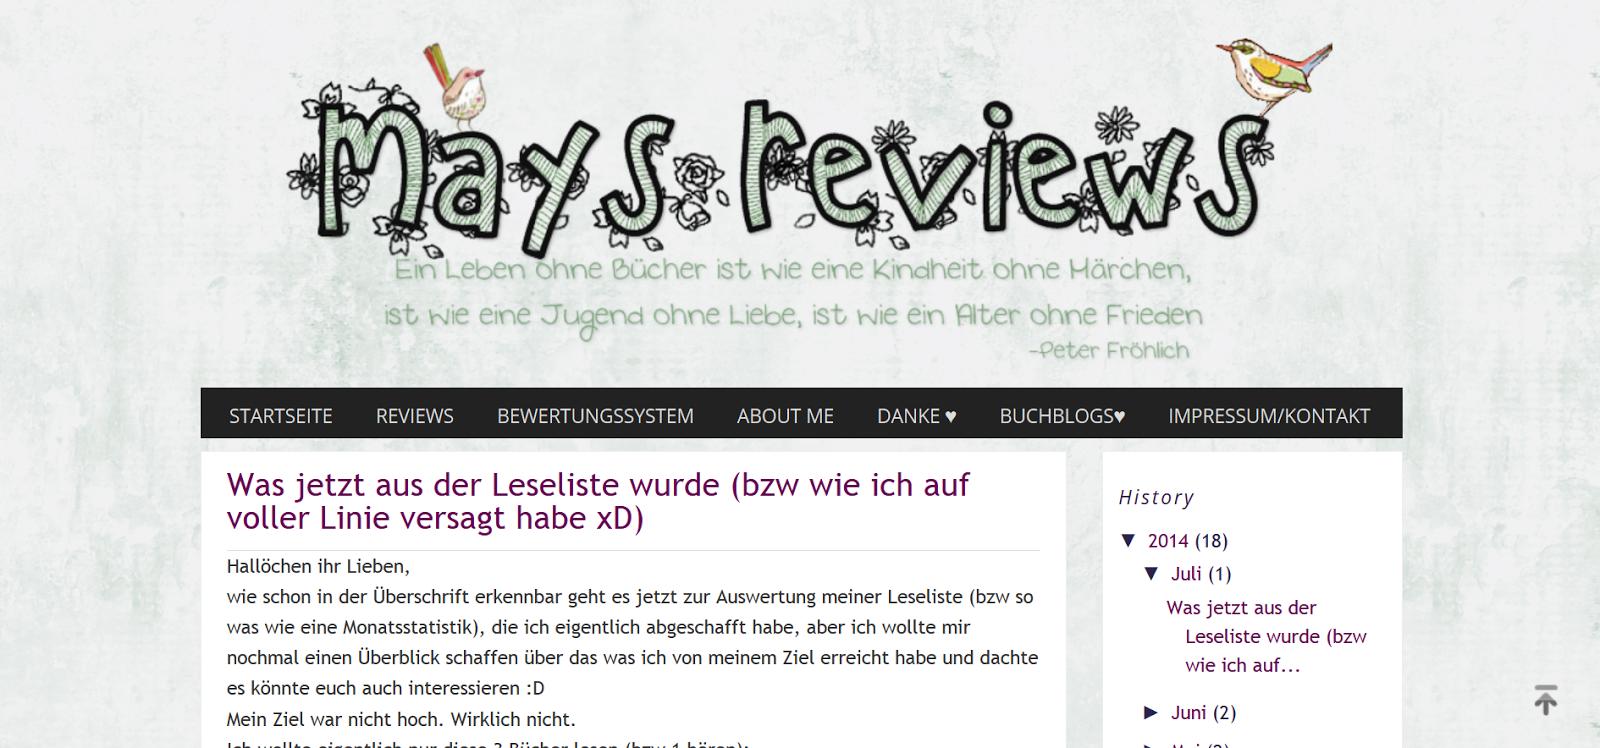 http://mays-reviews.blogspot.de/